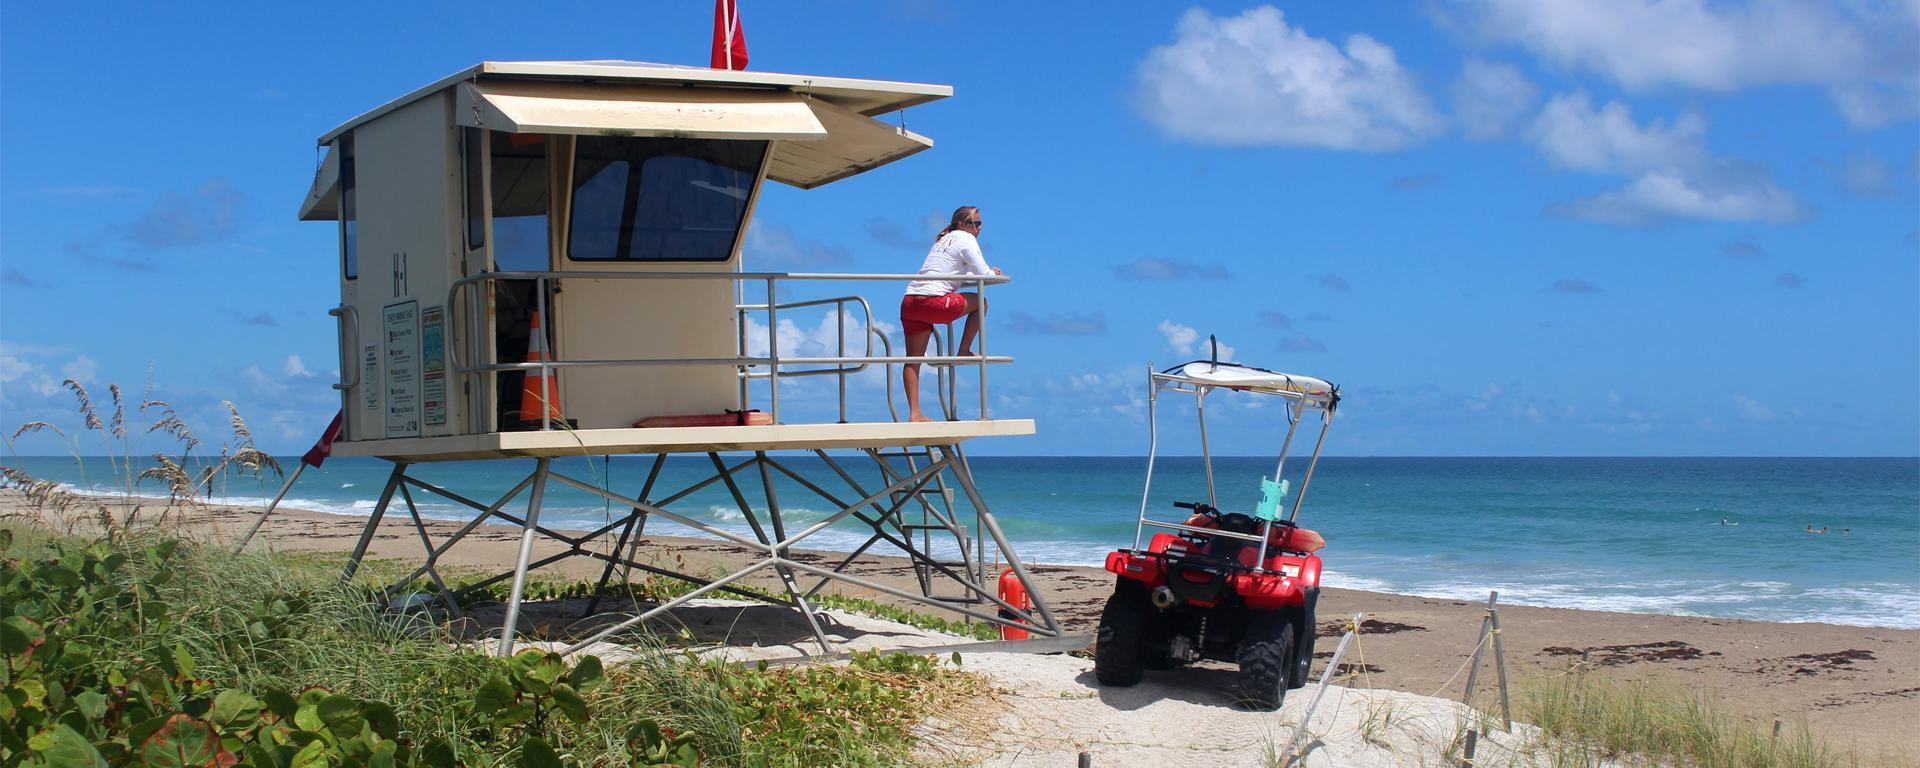 An image of a lifeguard tower at Jensen Beach